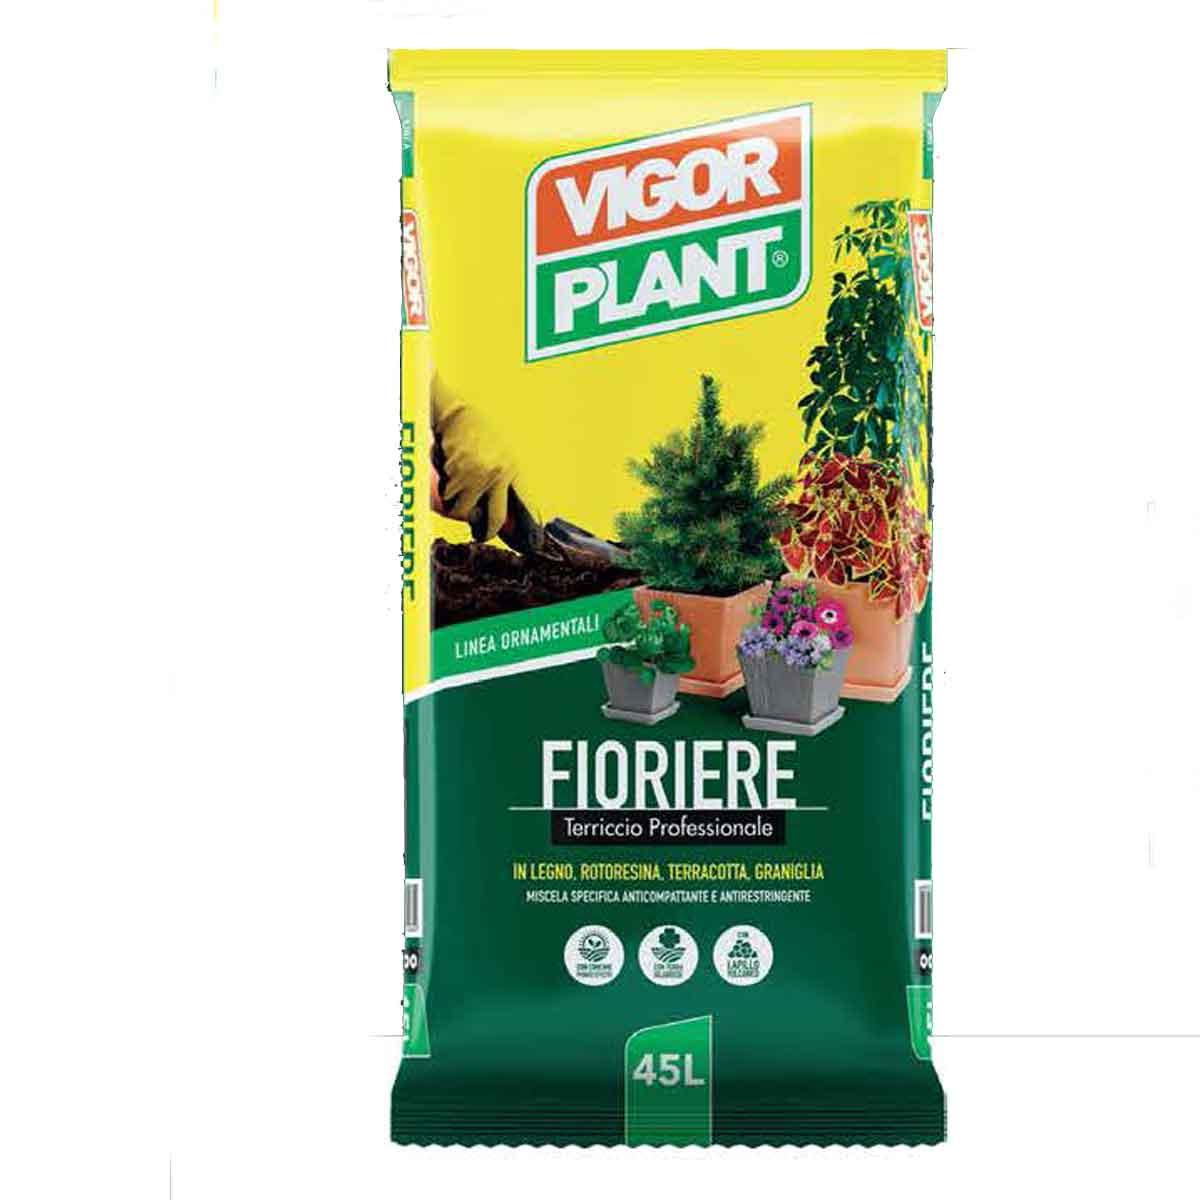 Vigorplant terriccio per fioriere 45l